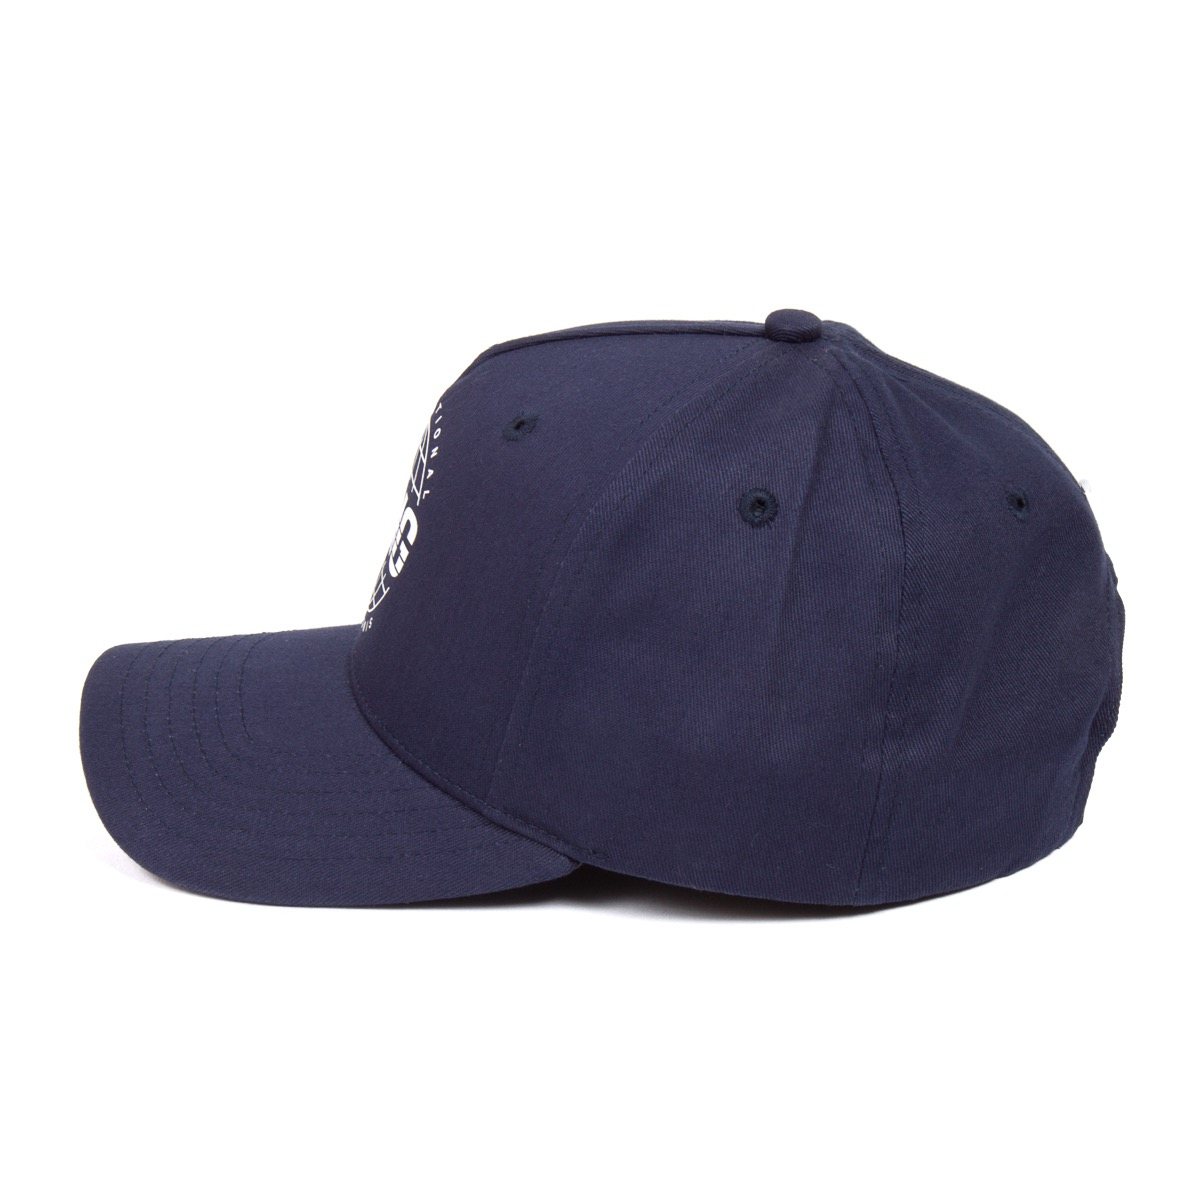 King Apparel Bethnal Curved Peak Blue Ink Snapback Hat - image 5 de 6